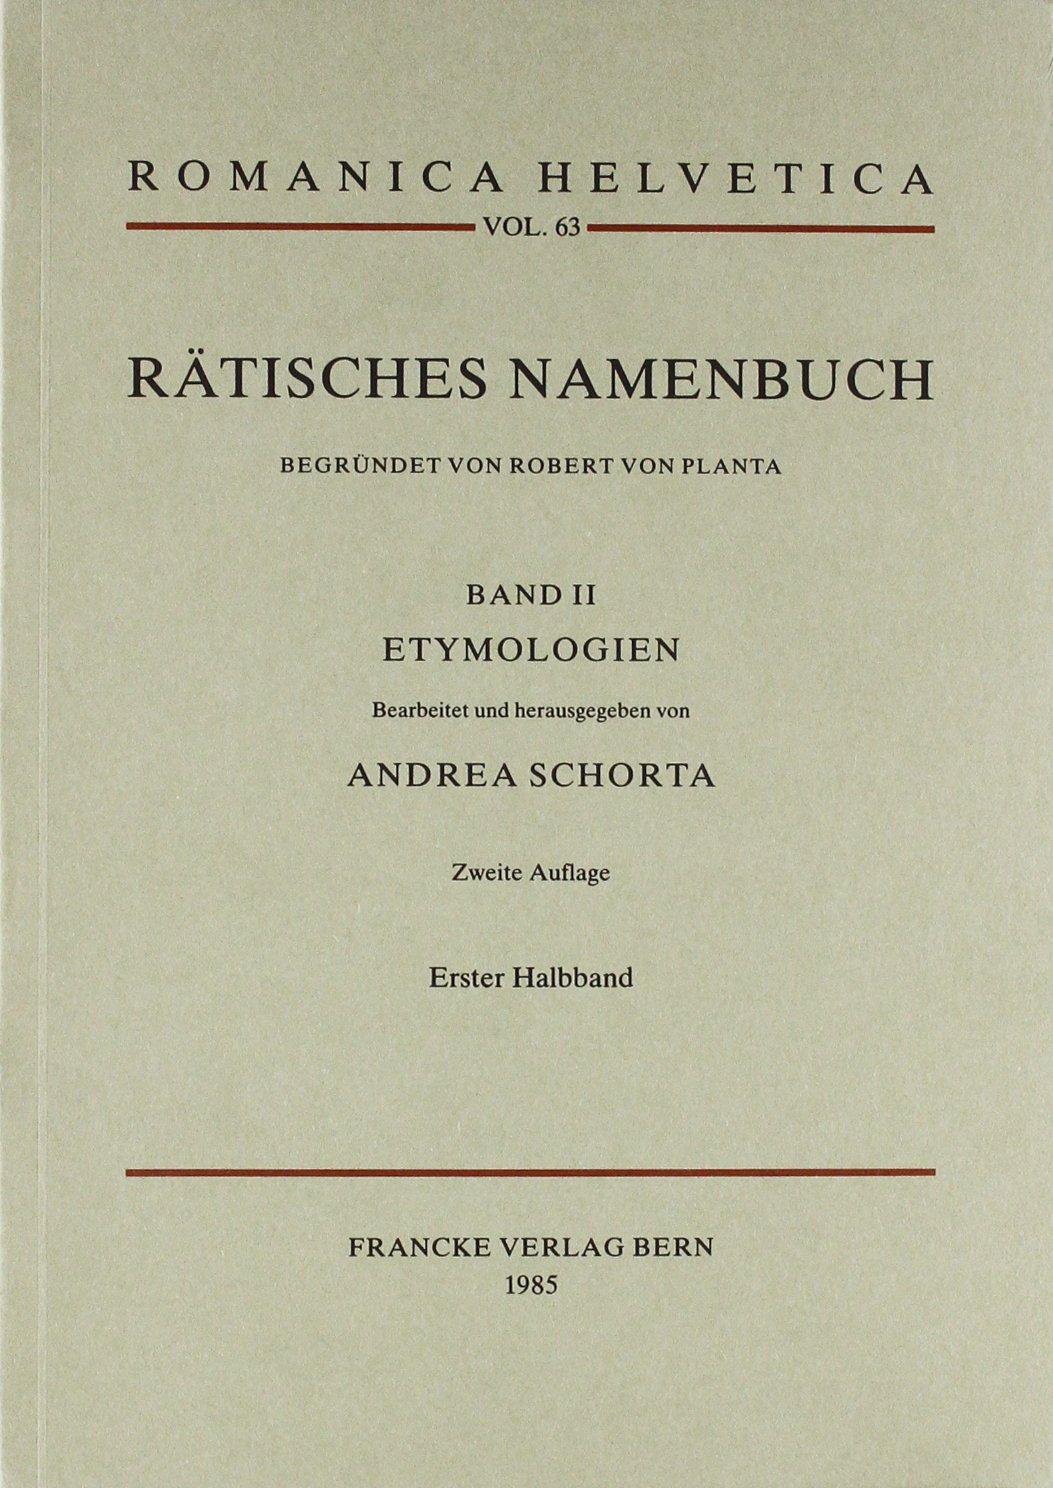 Rätisches Namenbuch: Rätisches Namenbuch. Bd II, 2 Halbbde. Etymologien: Bd II, 2 Halbbde